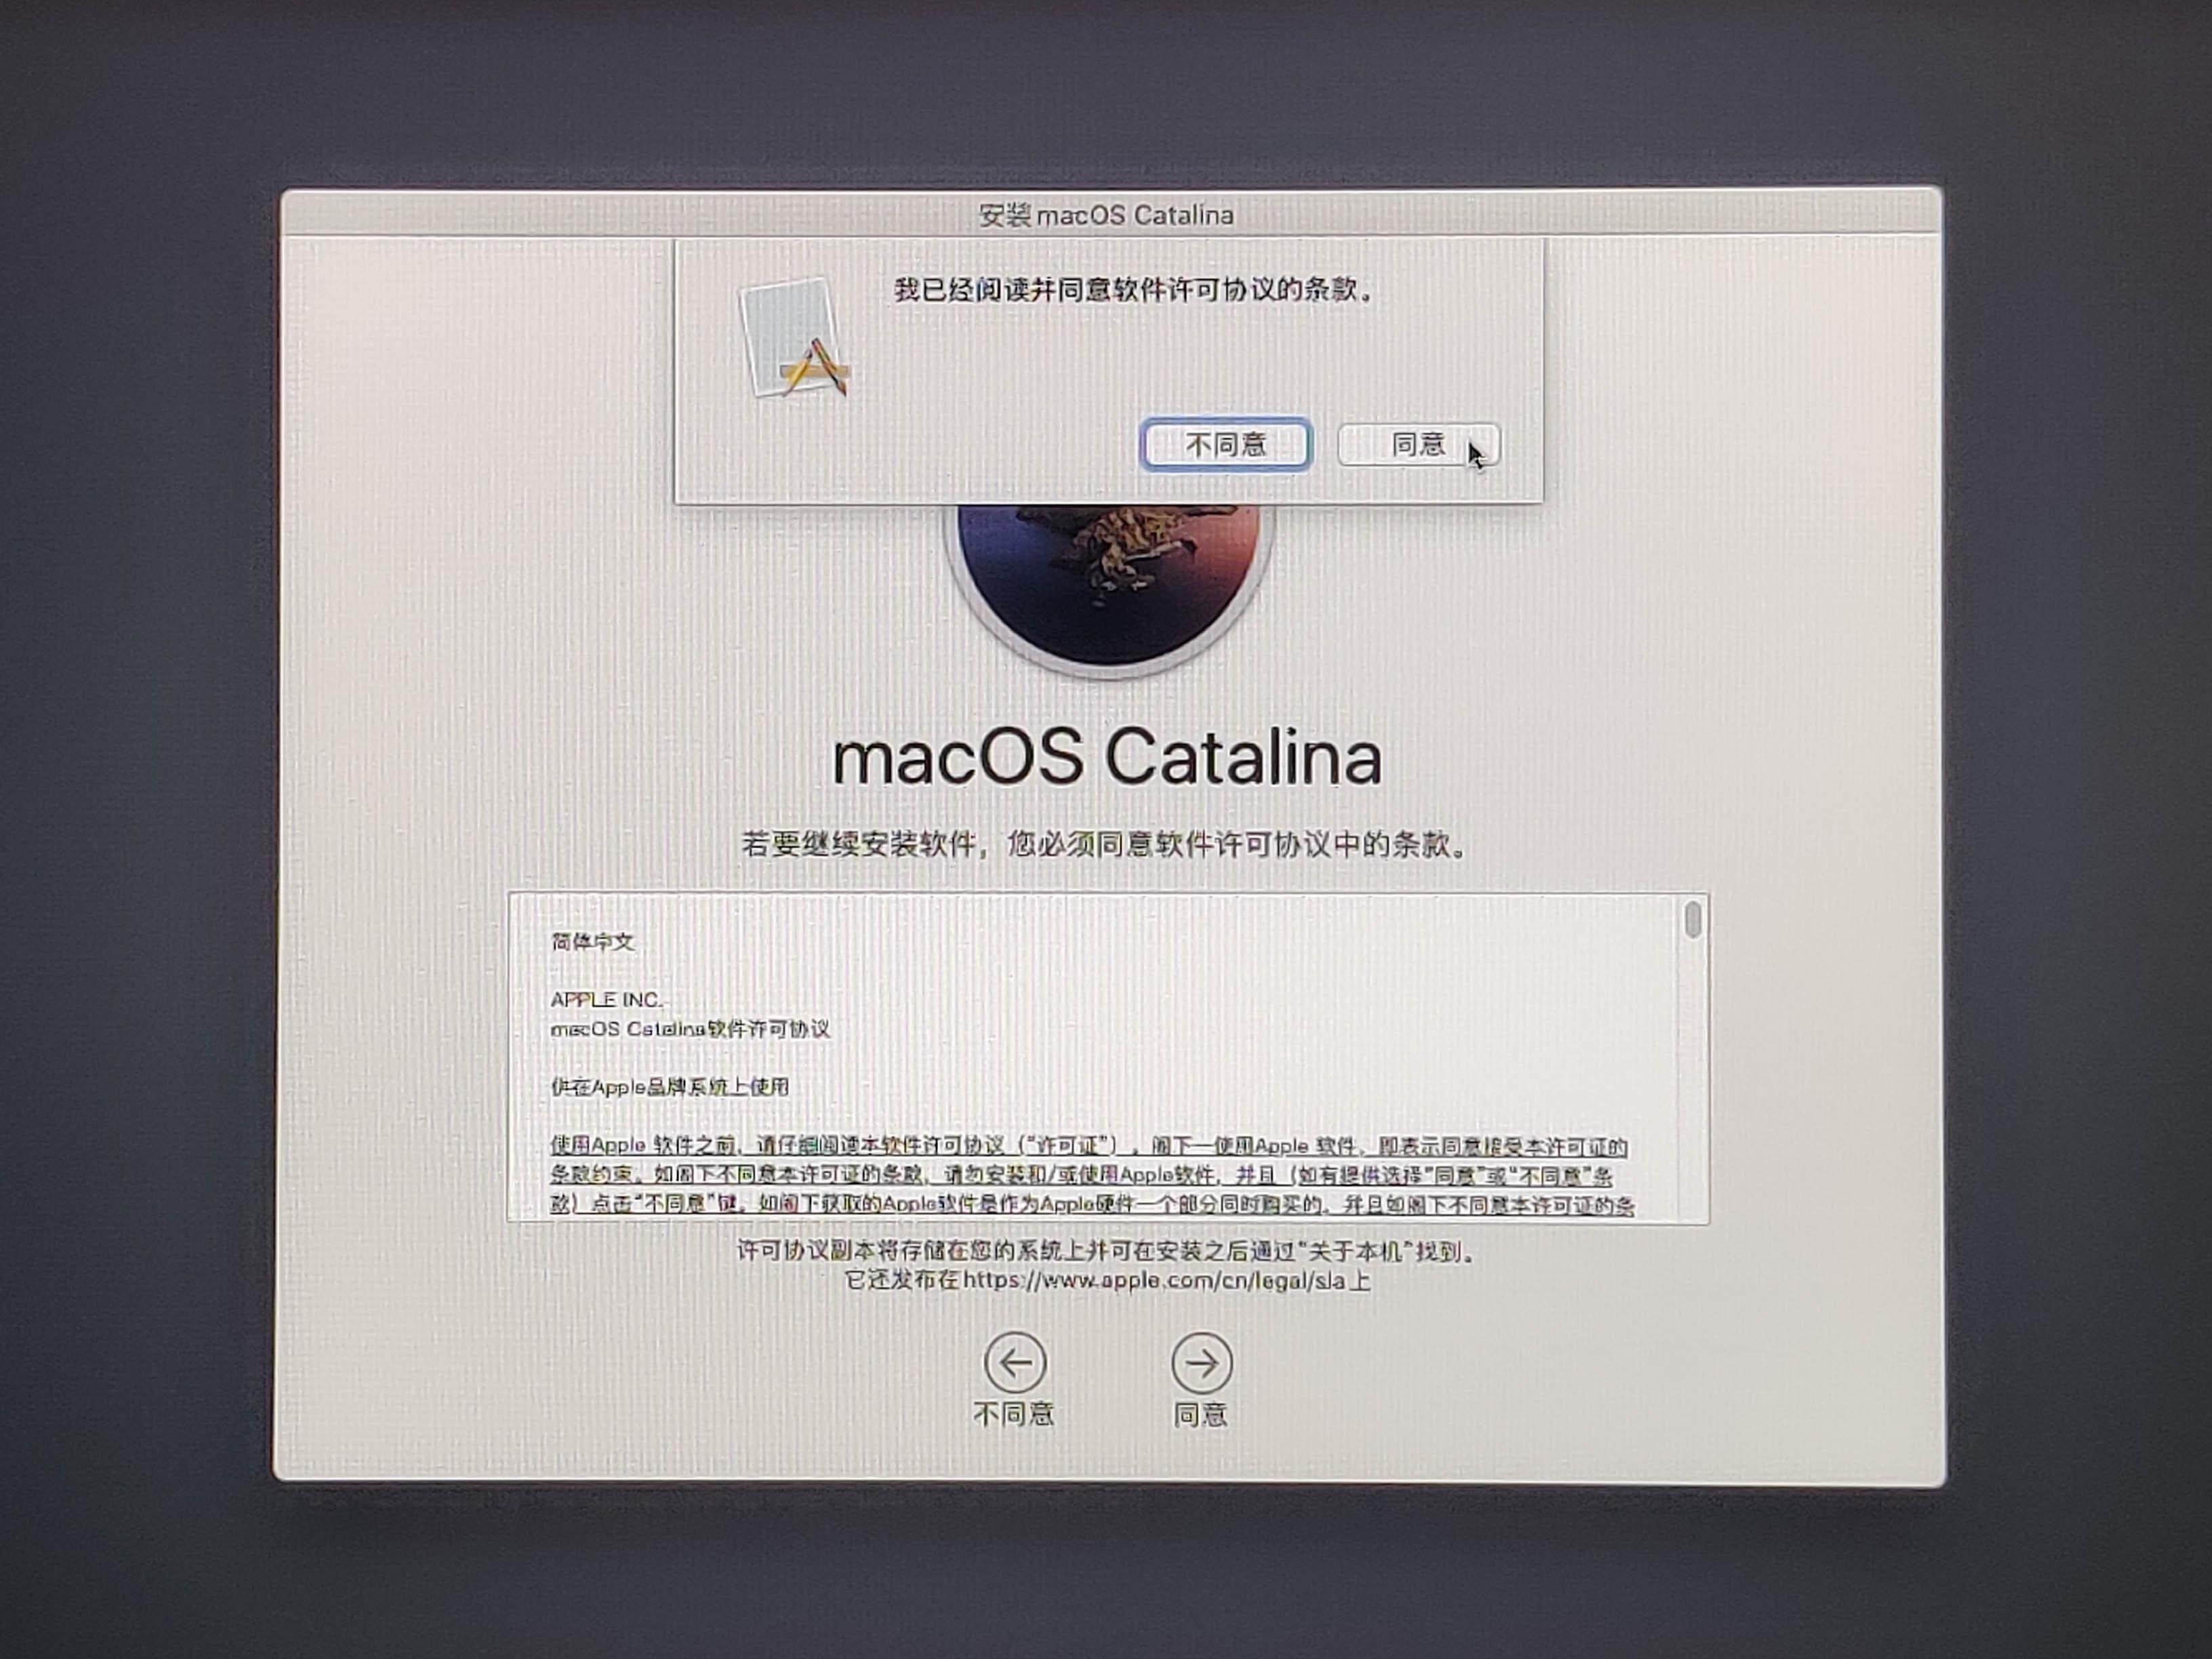 小米笔记本 Pro 如何安装 黑苹果 + Win10 双系统教程插图32